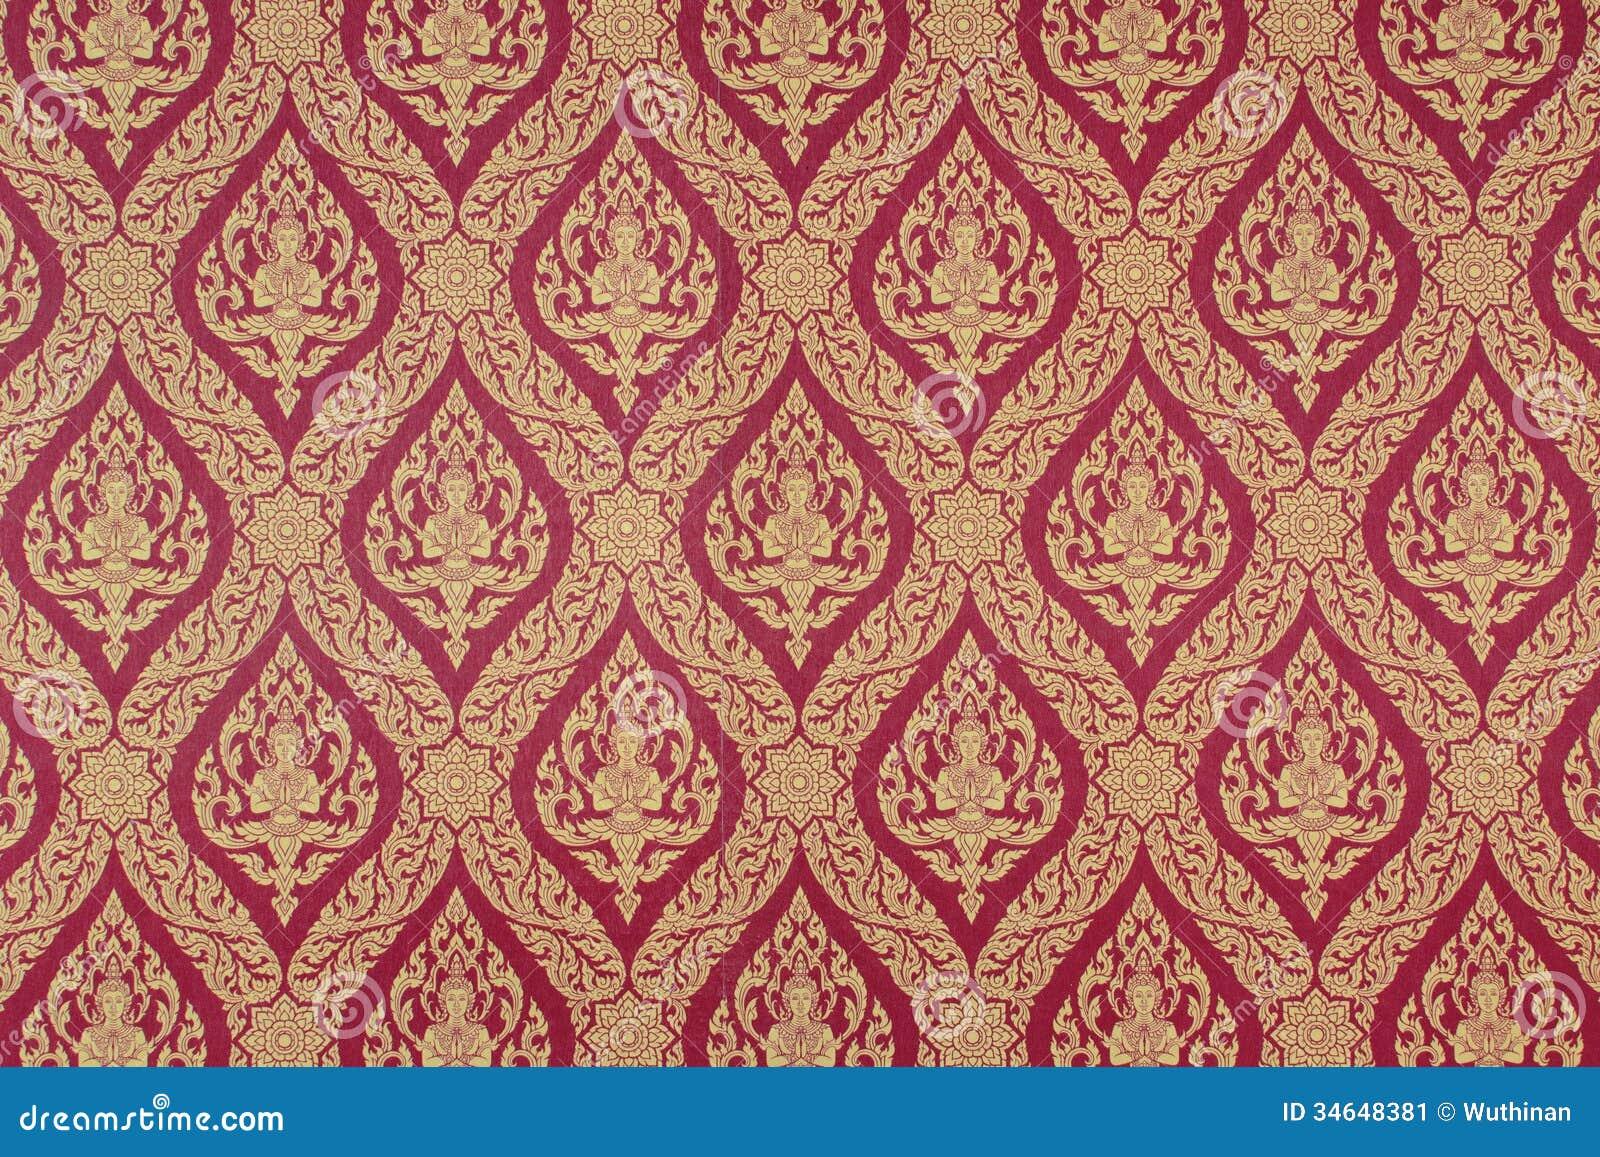 Background Pattern Thailand Stock Image Image 34648381